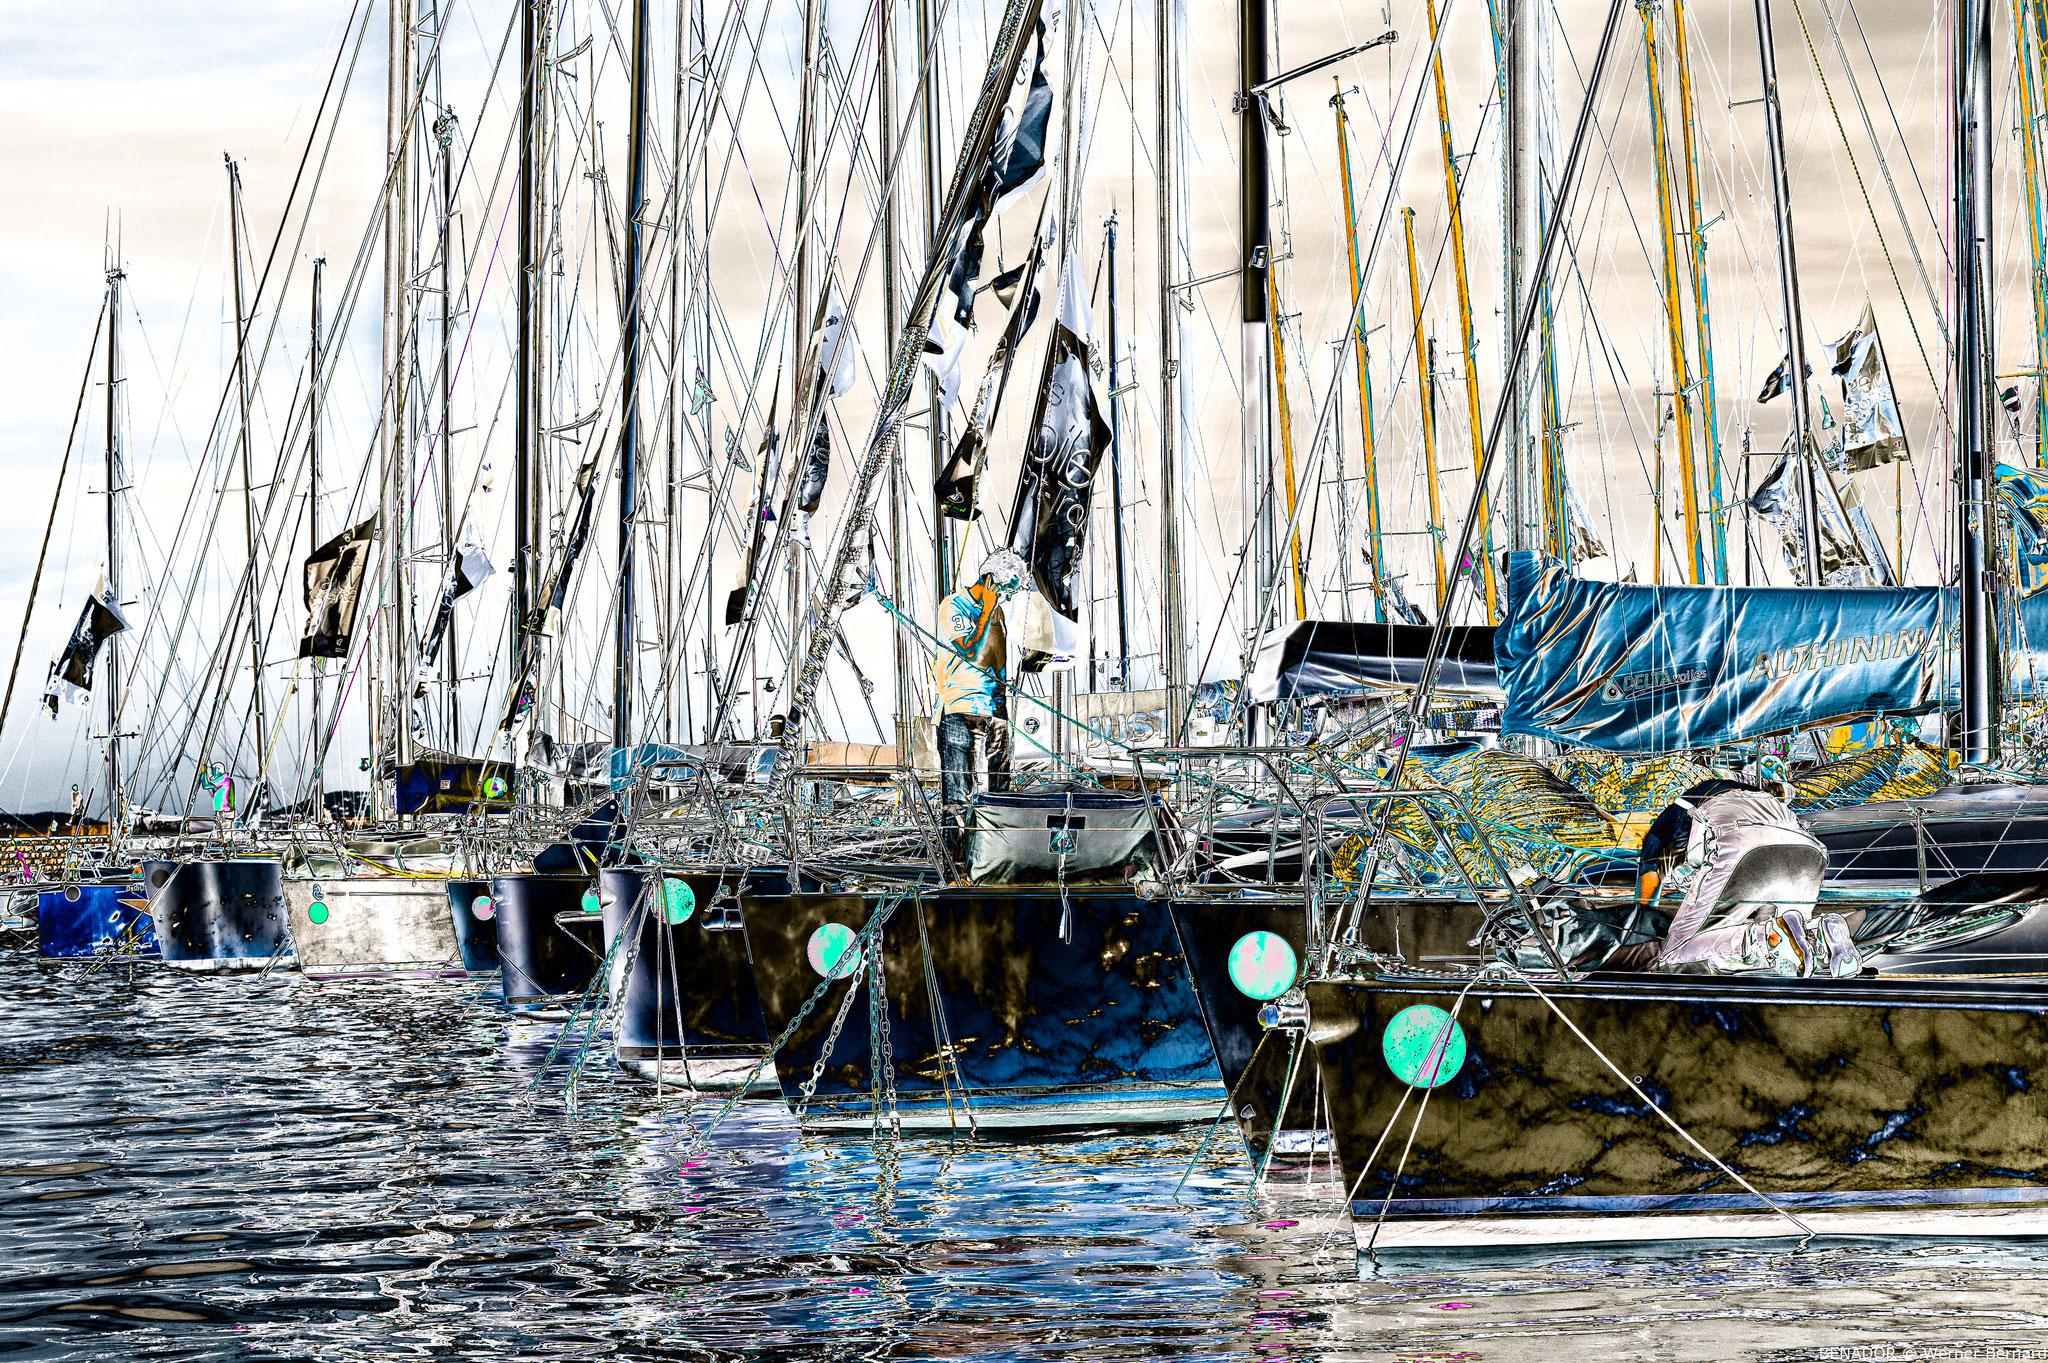 Les Voiles de St. Tropez 2012 5